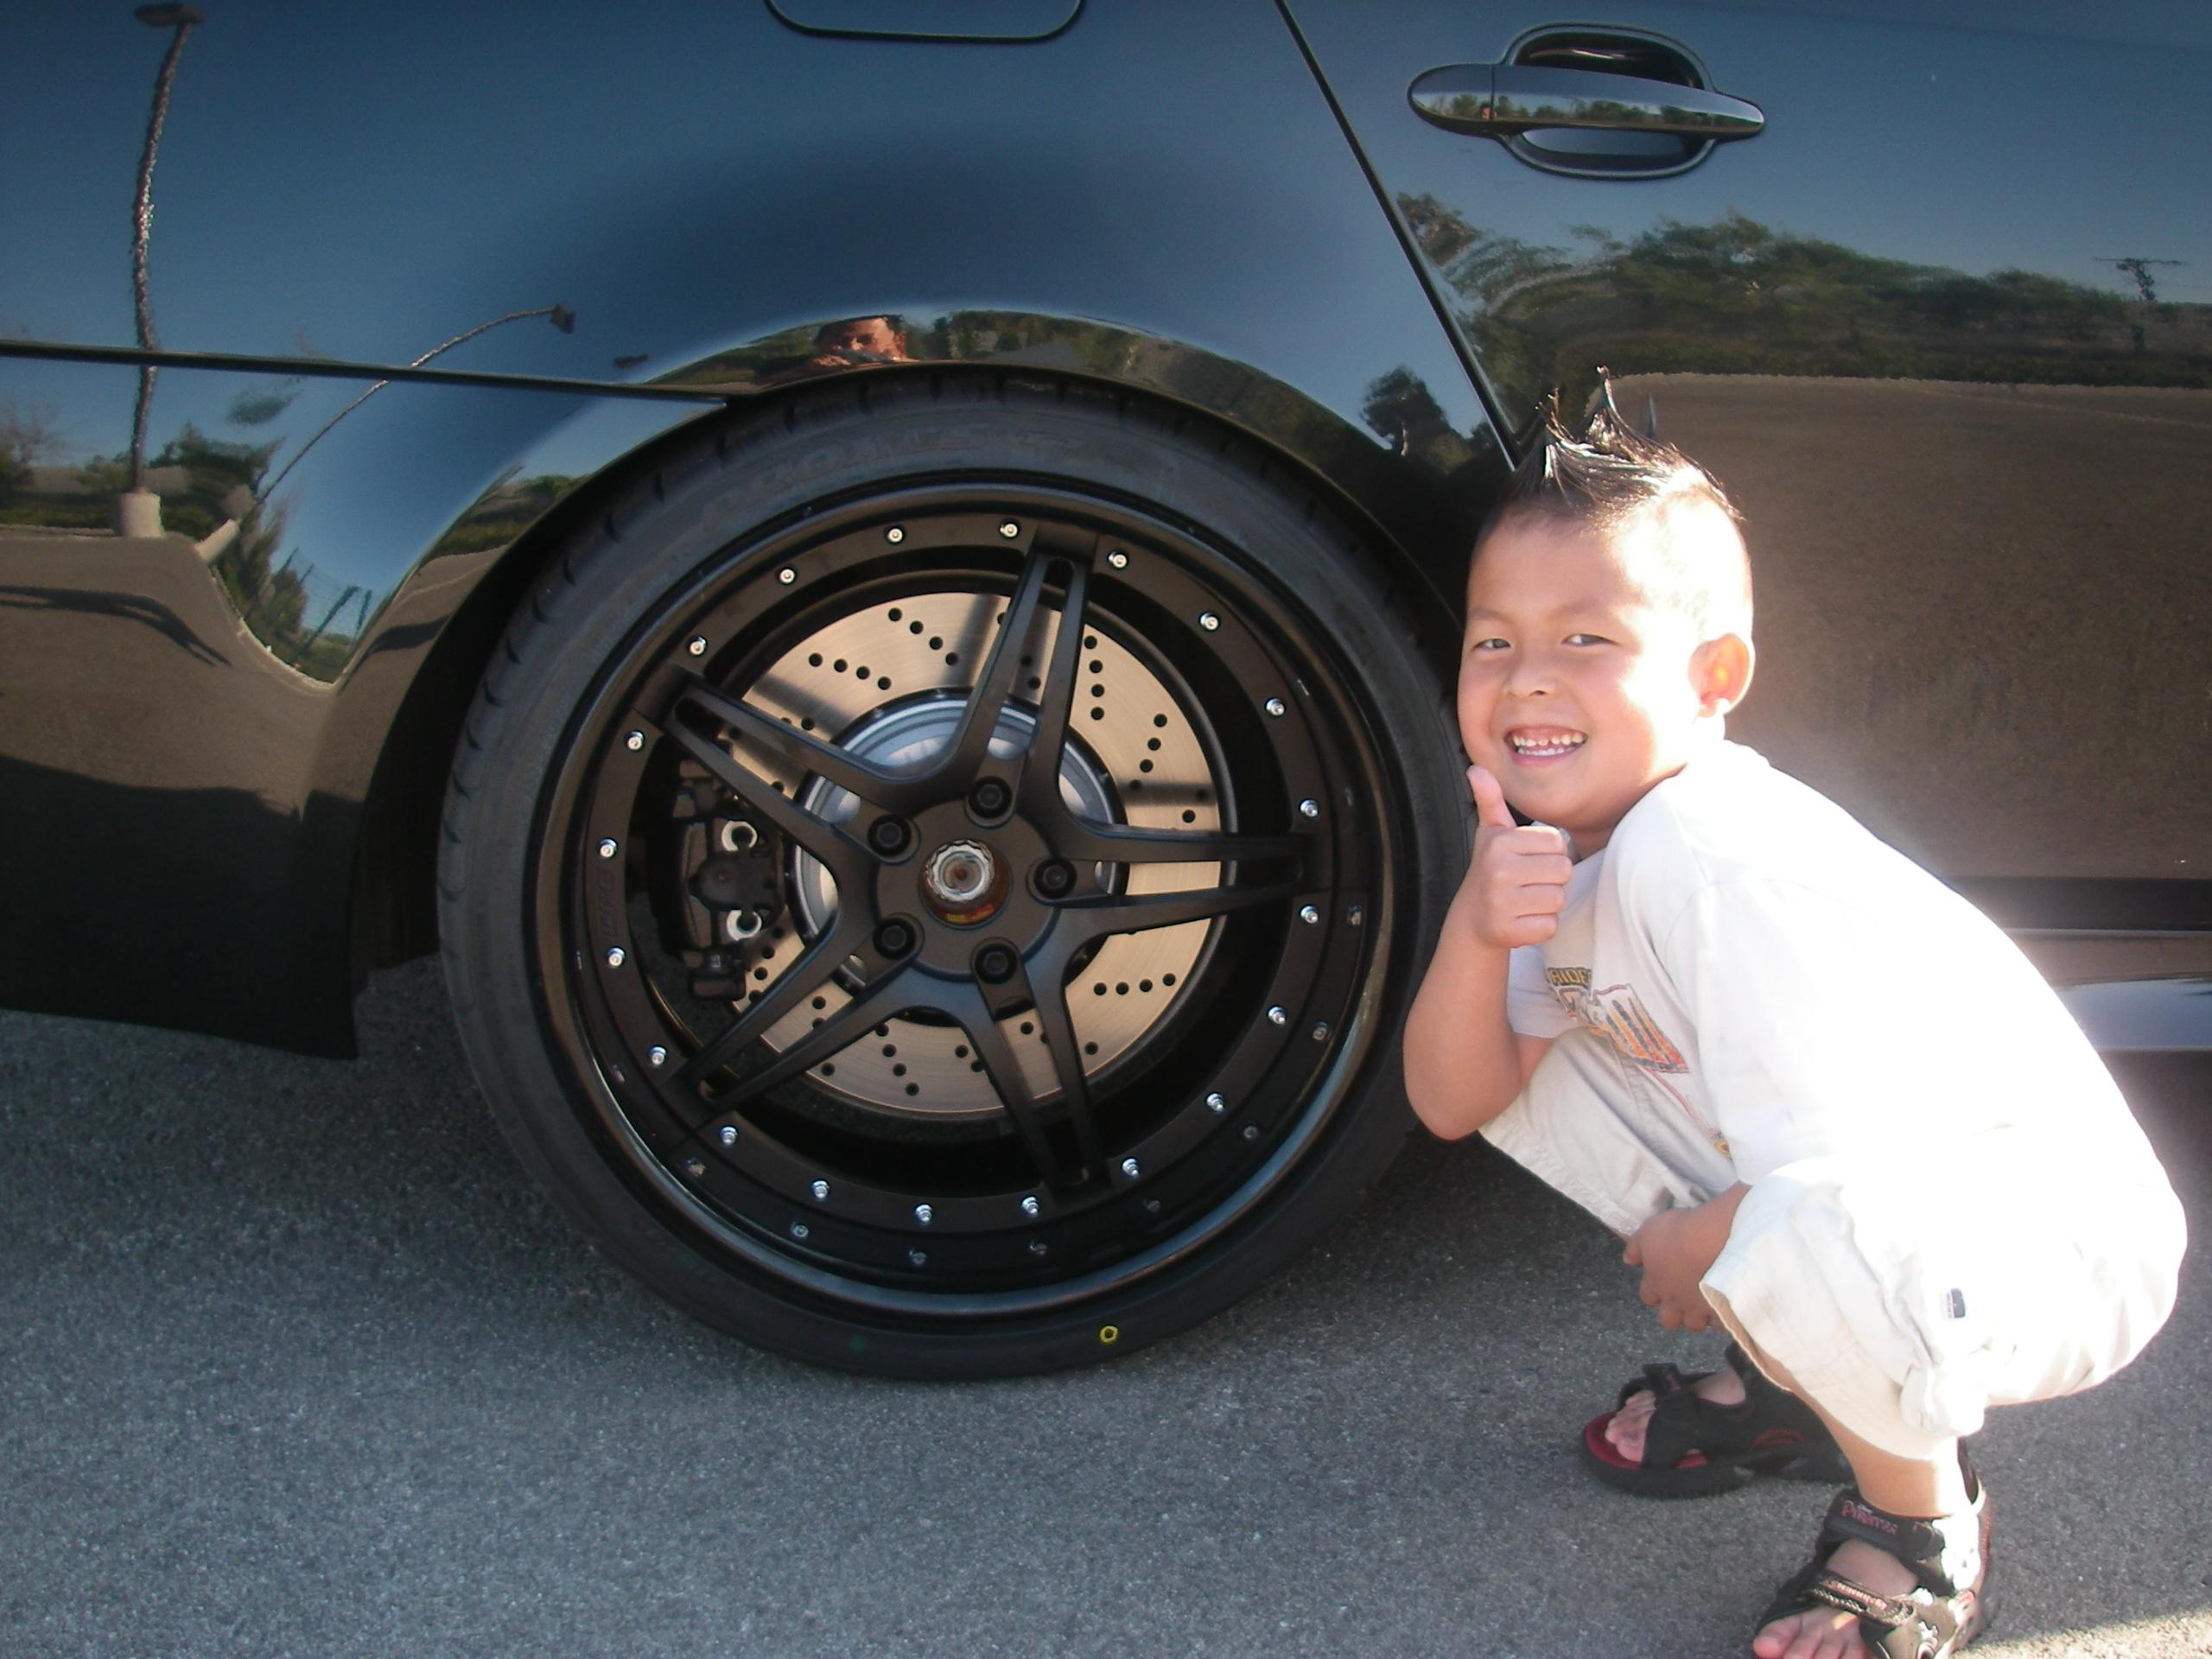 finally lowered, H&R springs installed, DPE wheels on-nick-dpe-wheels-lowered-023.jpg